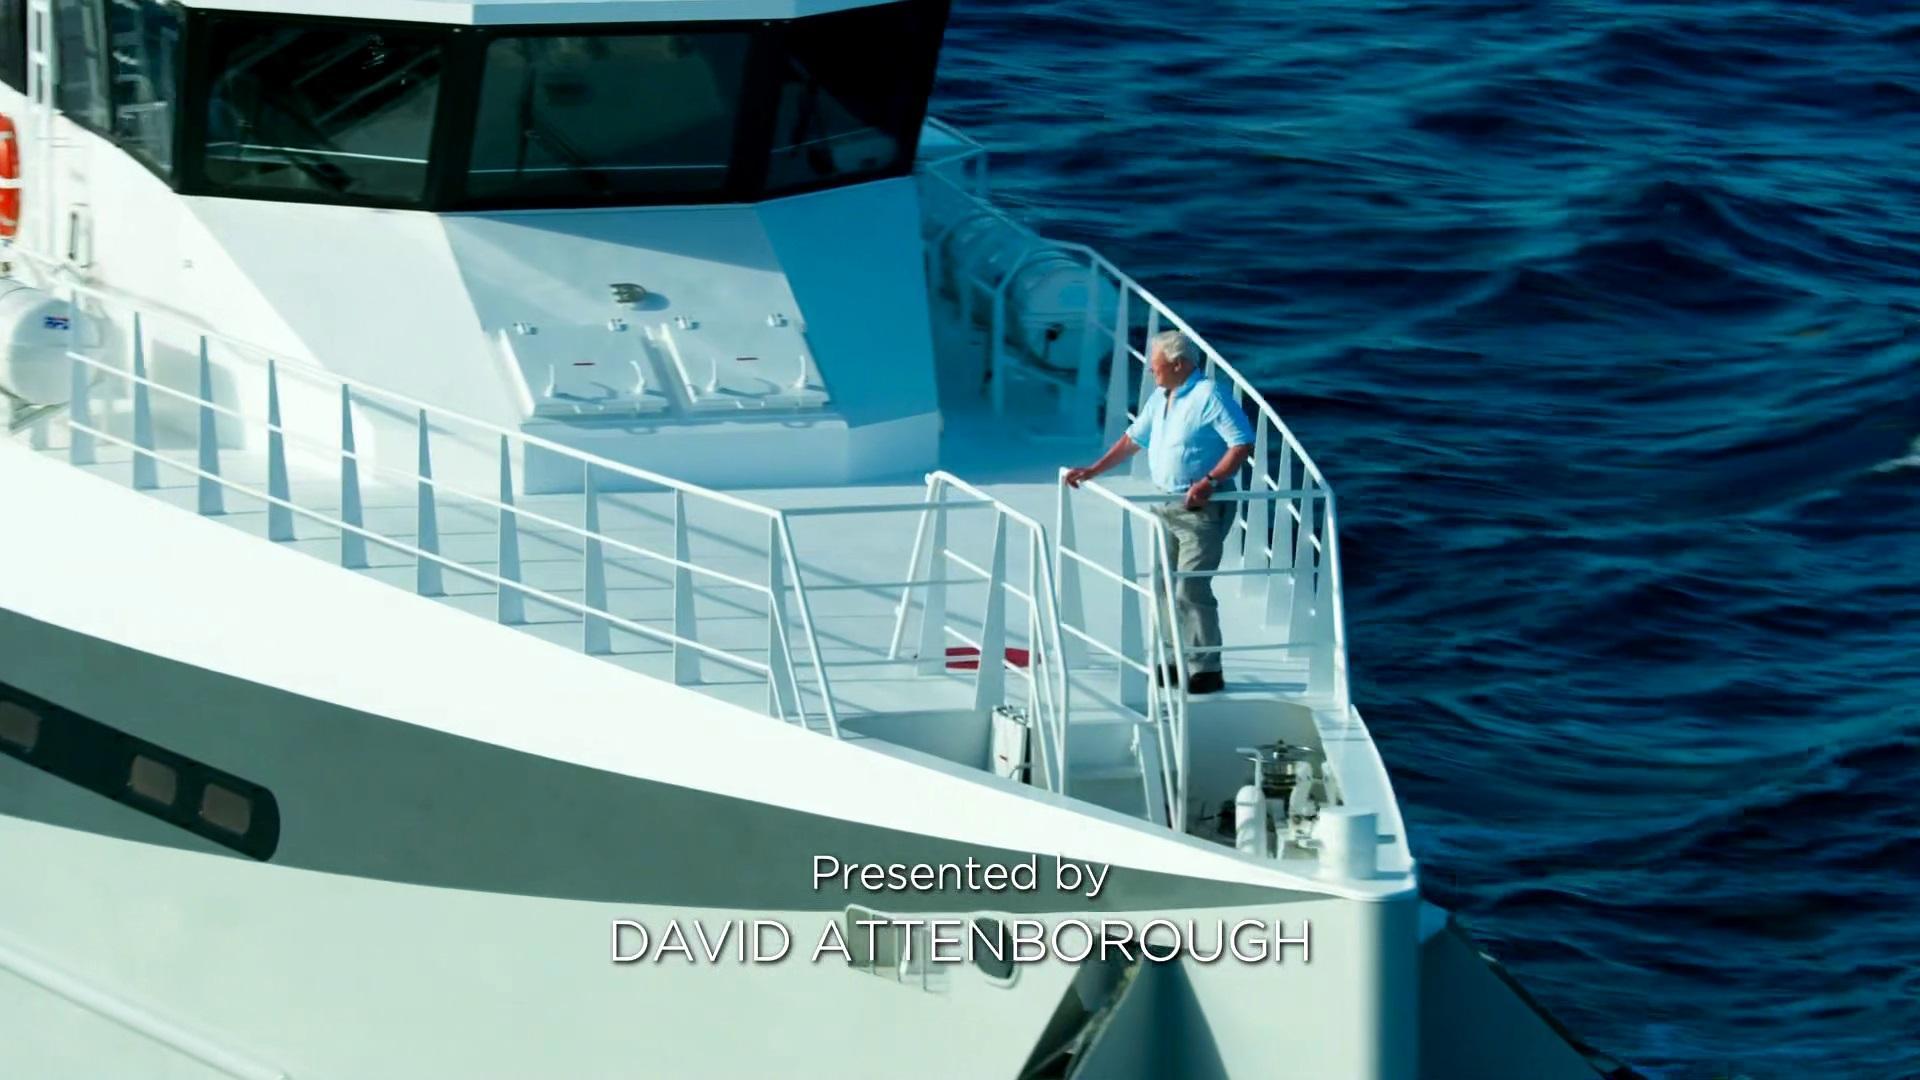 الكوكب الأزرق - الموسم الثاني  BBC Blue Planet II - ح1 - محيط واحد - تحميل تورنت 3 arabp2p.com